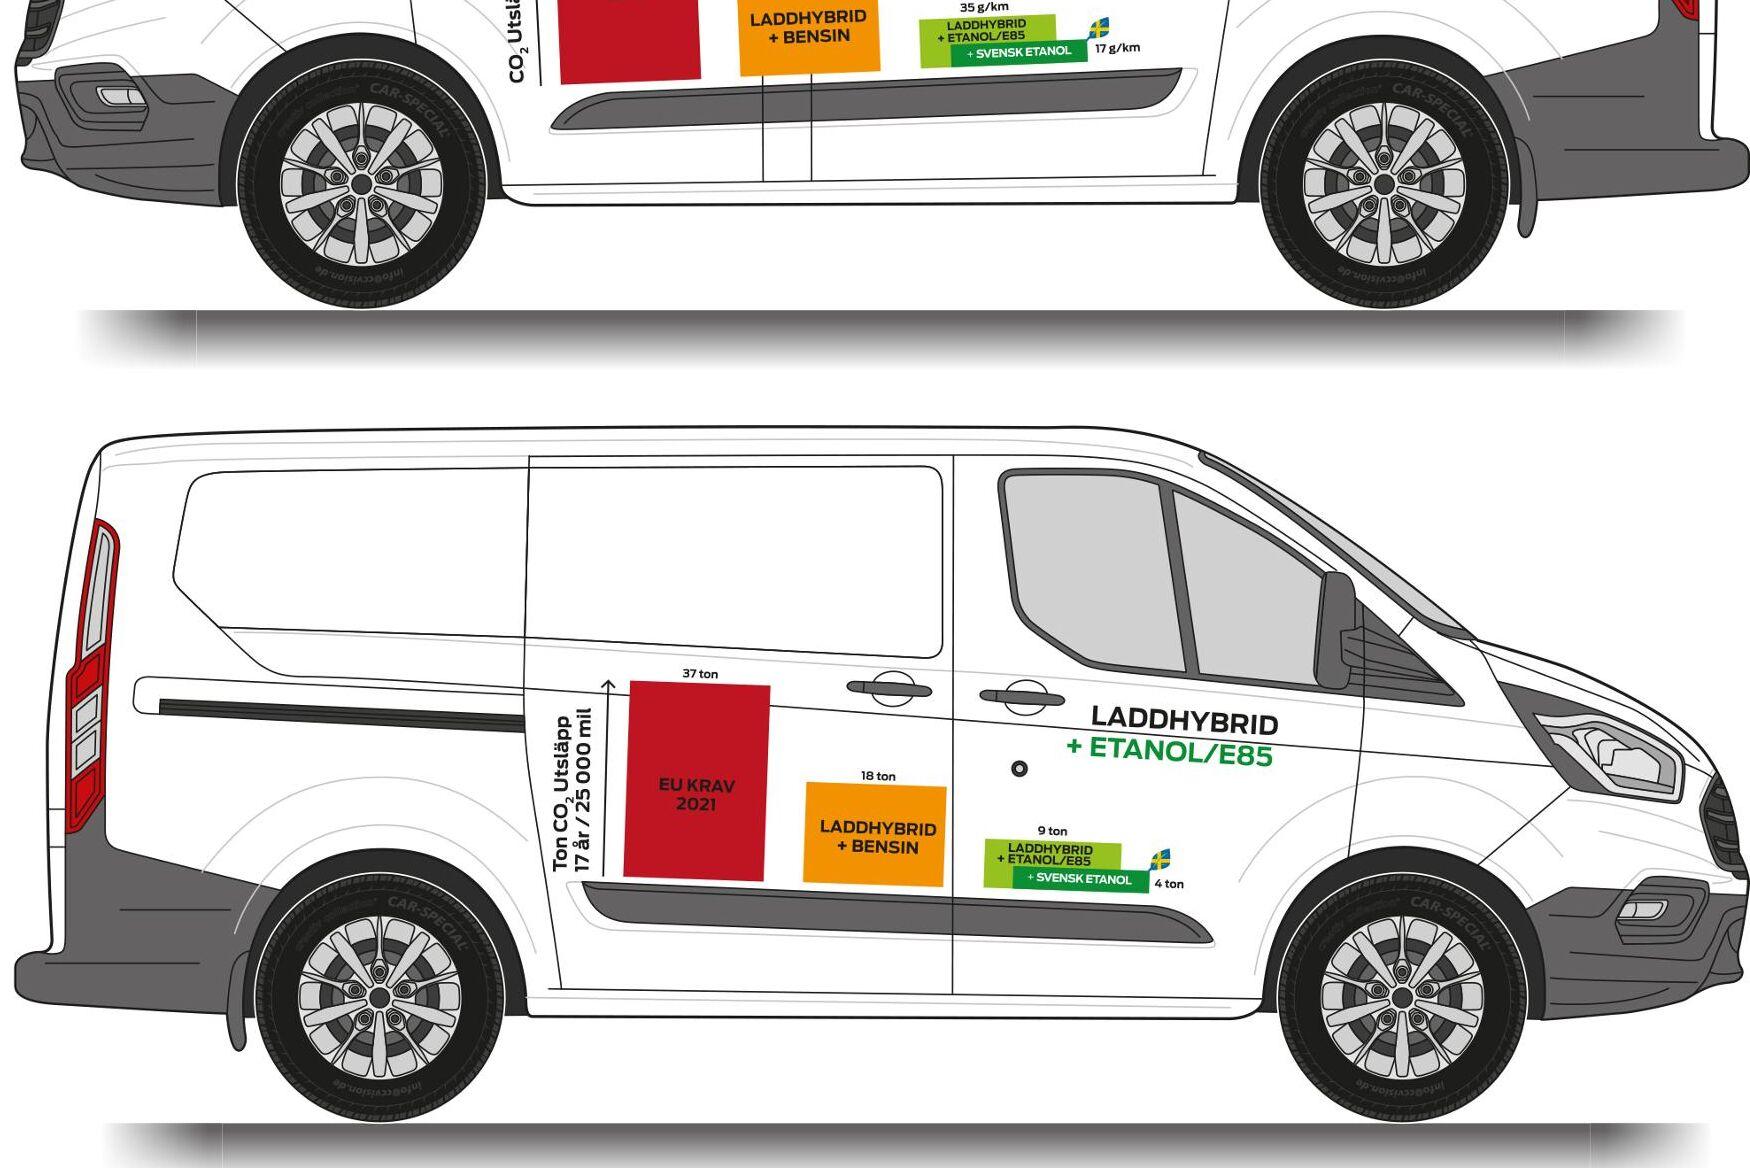 Såväl Transit som Ford Kuga kan nu fås med etanoldrift och ett litet batteri som gör att man kan klara kortare körningar på el.